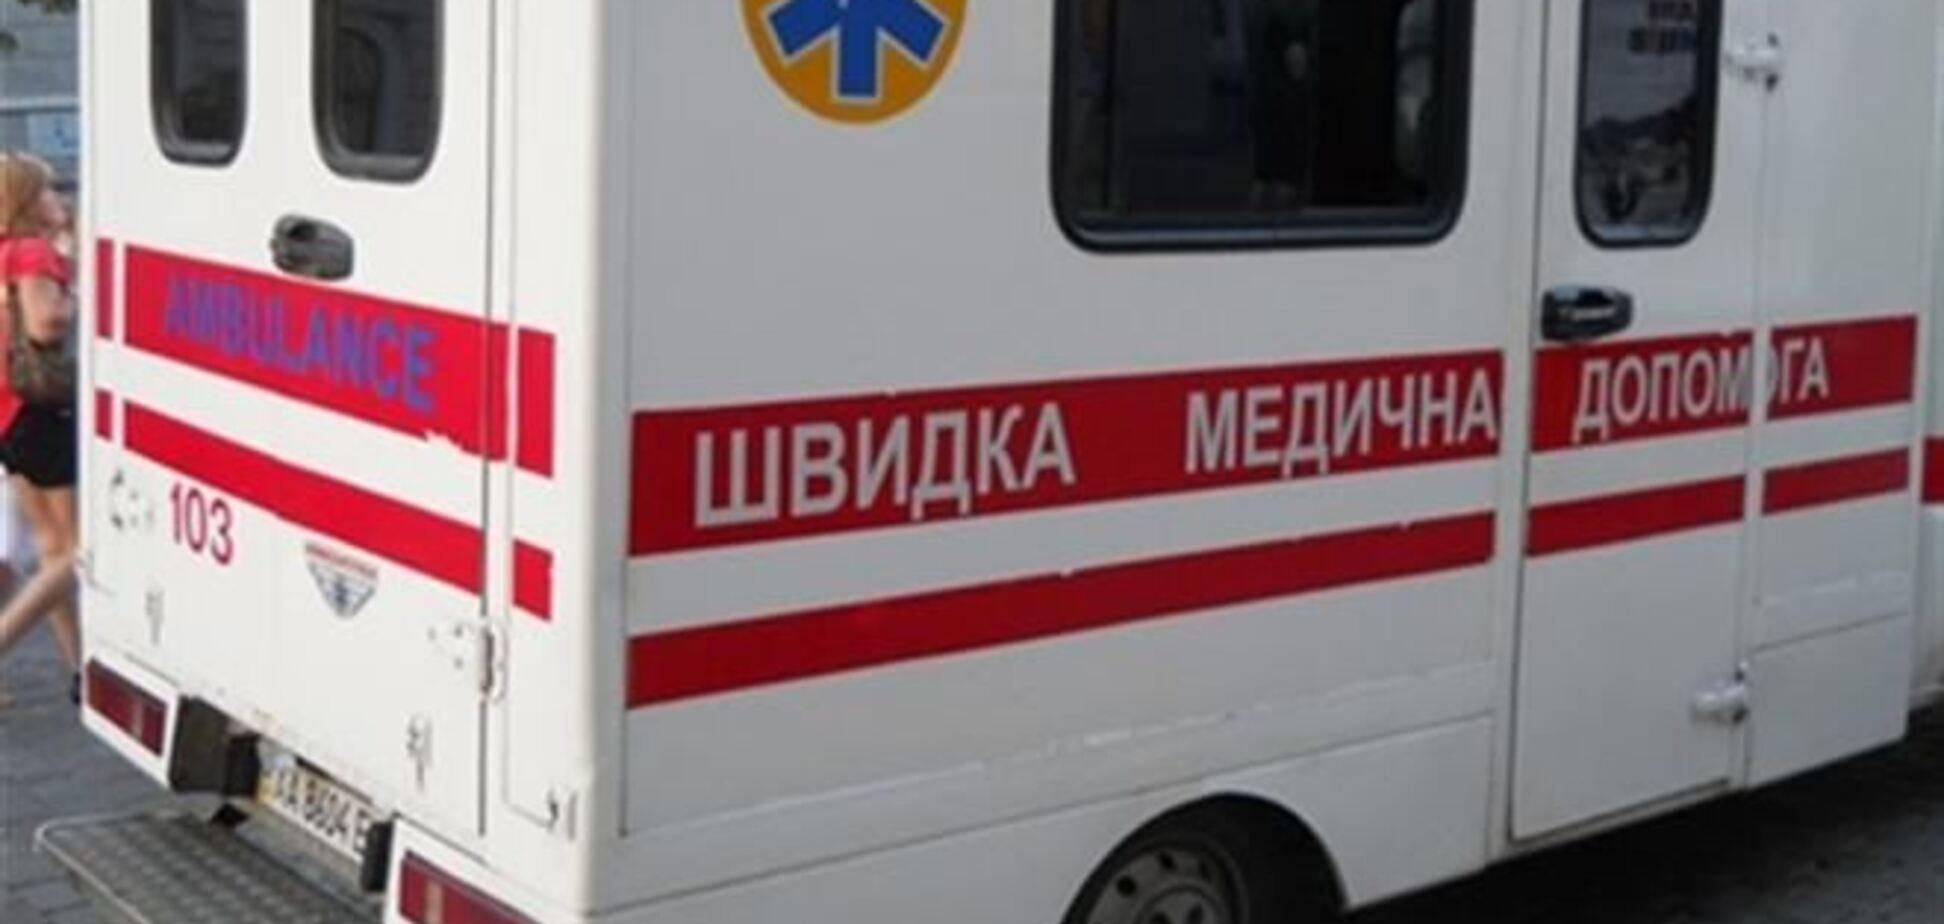 ЧП в киевском ТРЦ произошло из-за травли тараканов